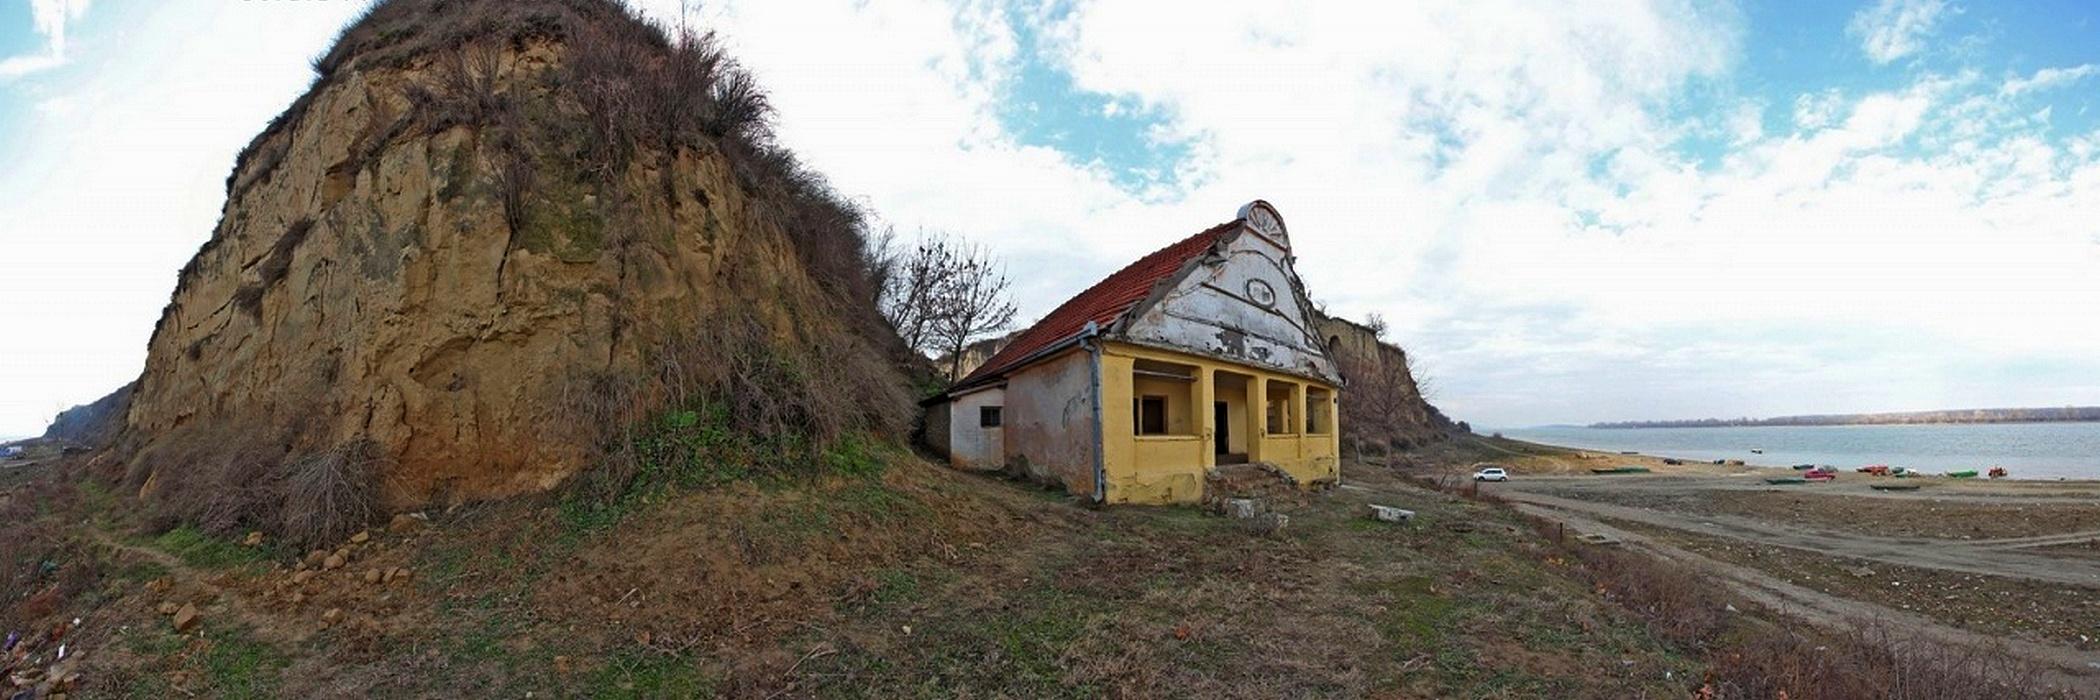 Szerbia - Belgrád, de komolyan - Romkocsmák - Macskajaj - kajakok